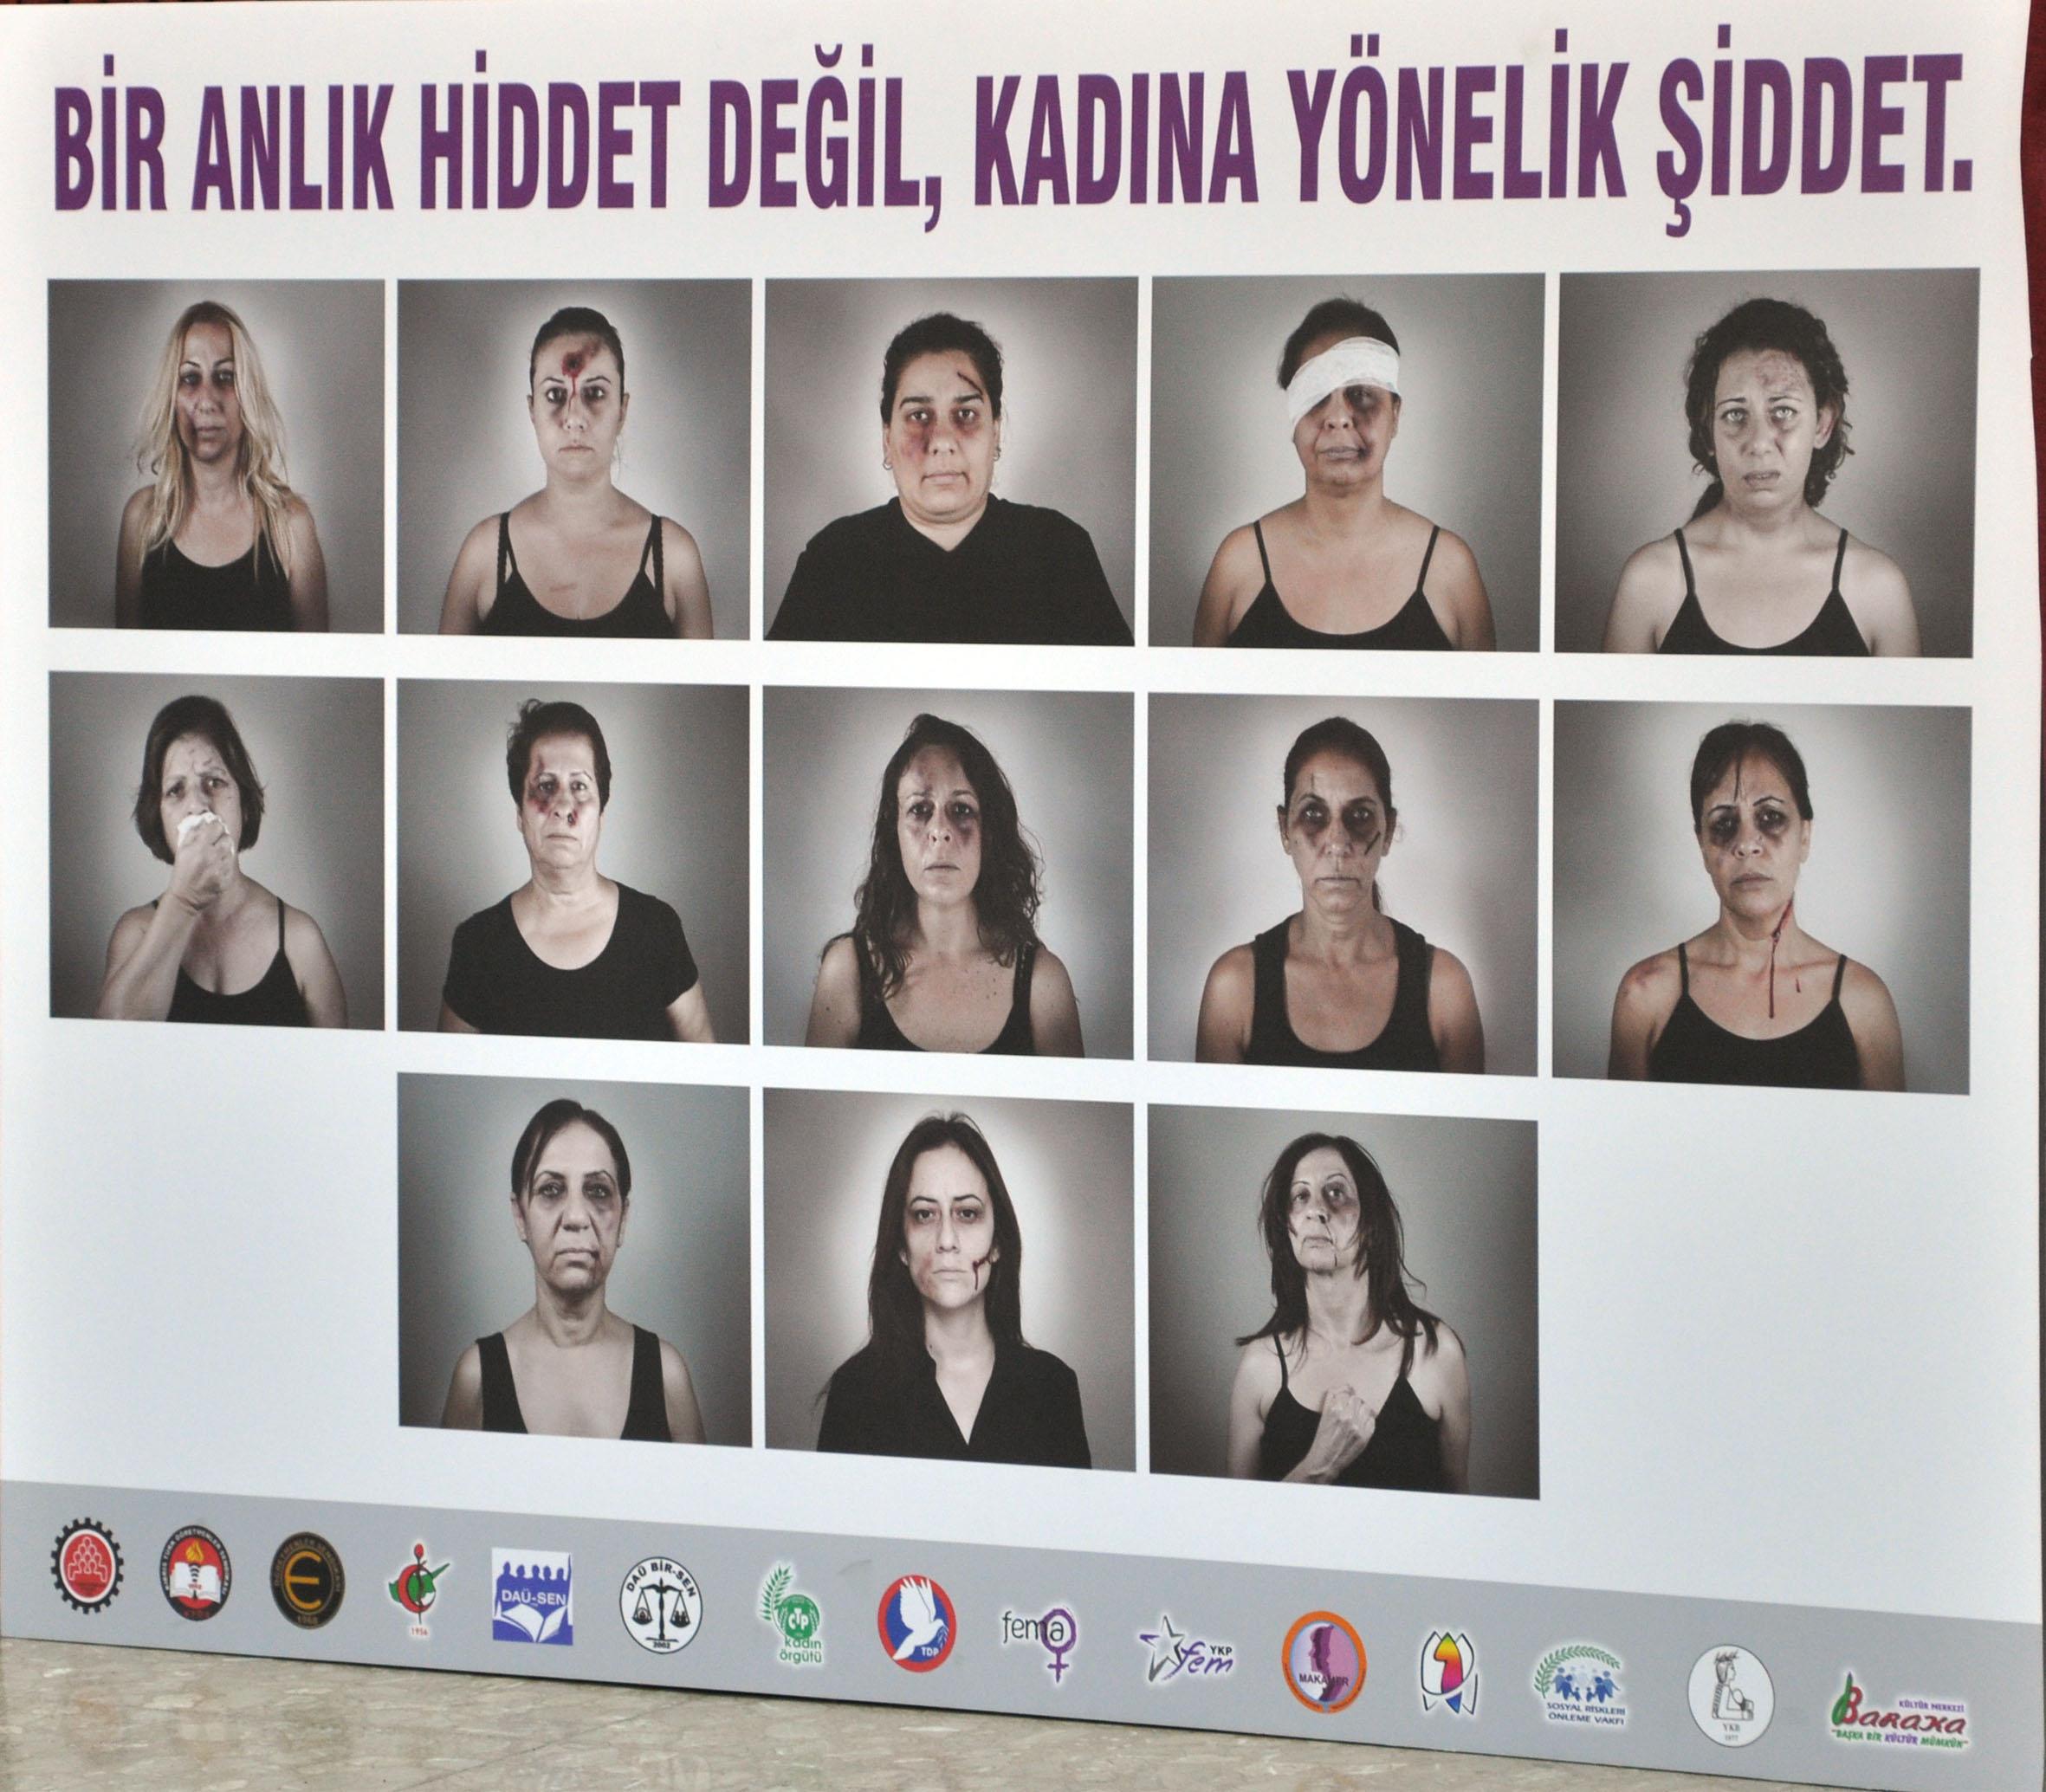 Kadına-Yönelik-Şiddet2-13-kadın-on-üç-kadın.jpg